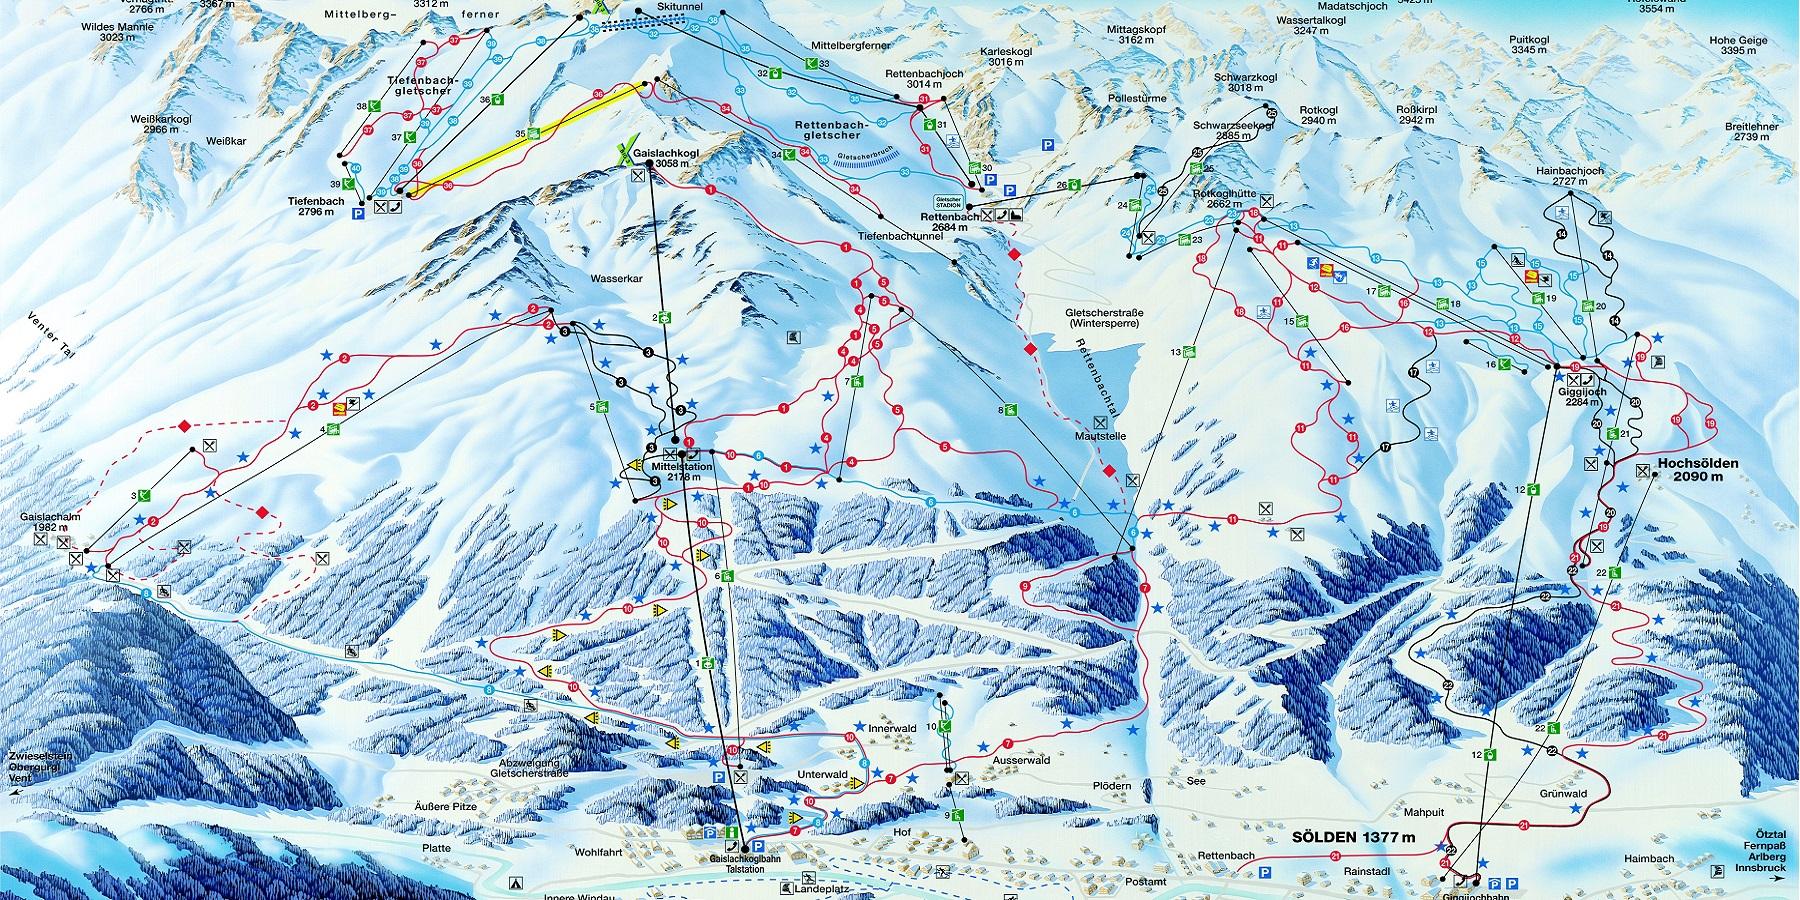 Схема трасс в Зельден (Ski map Solden)